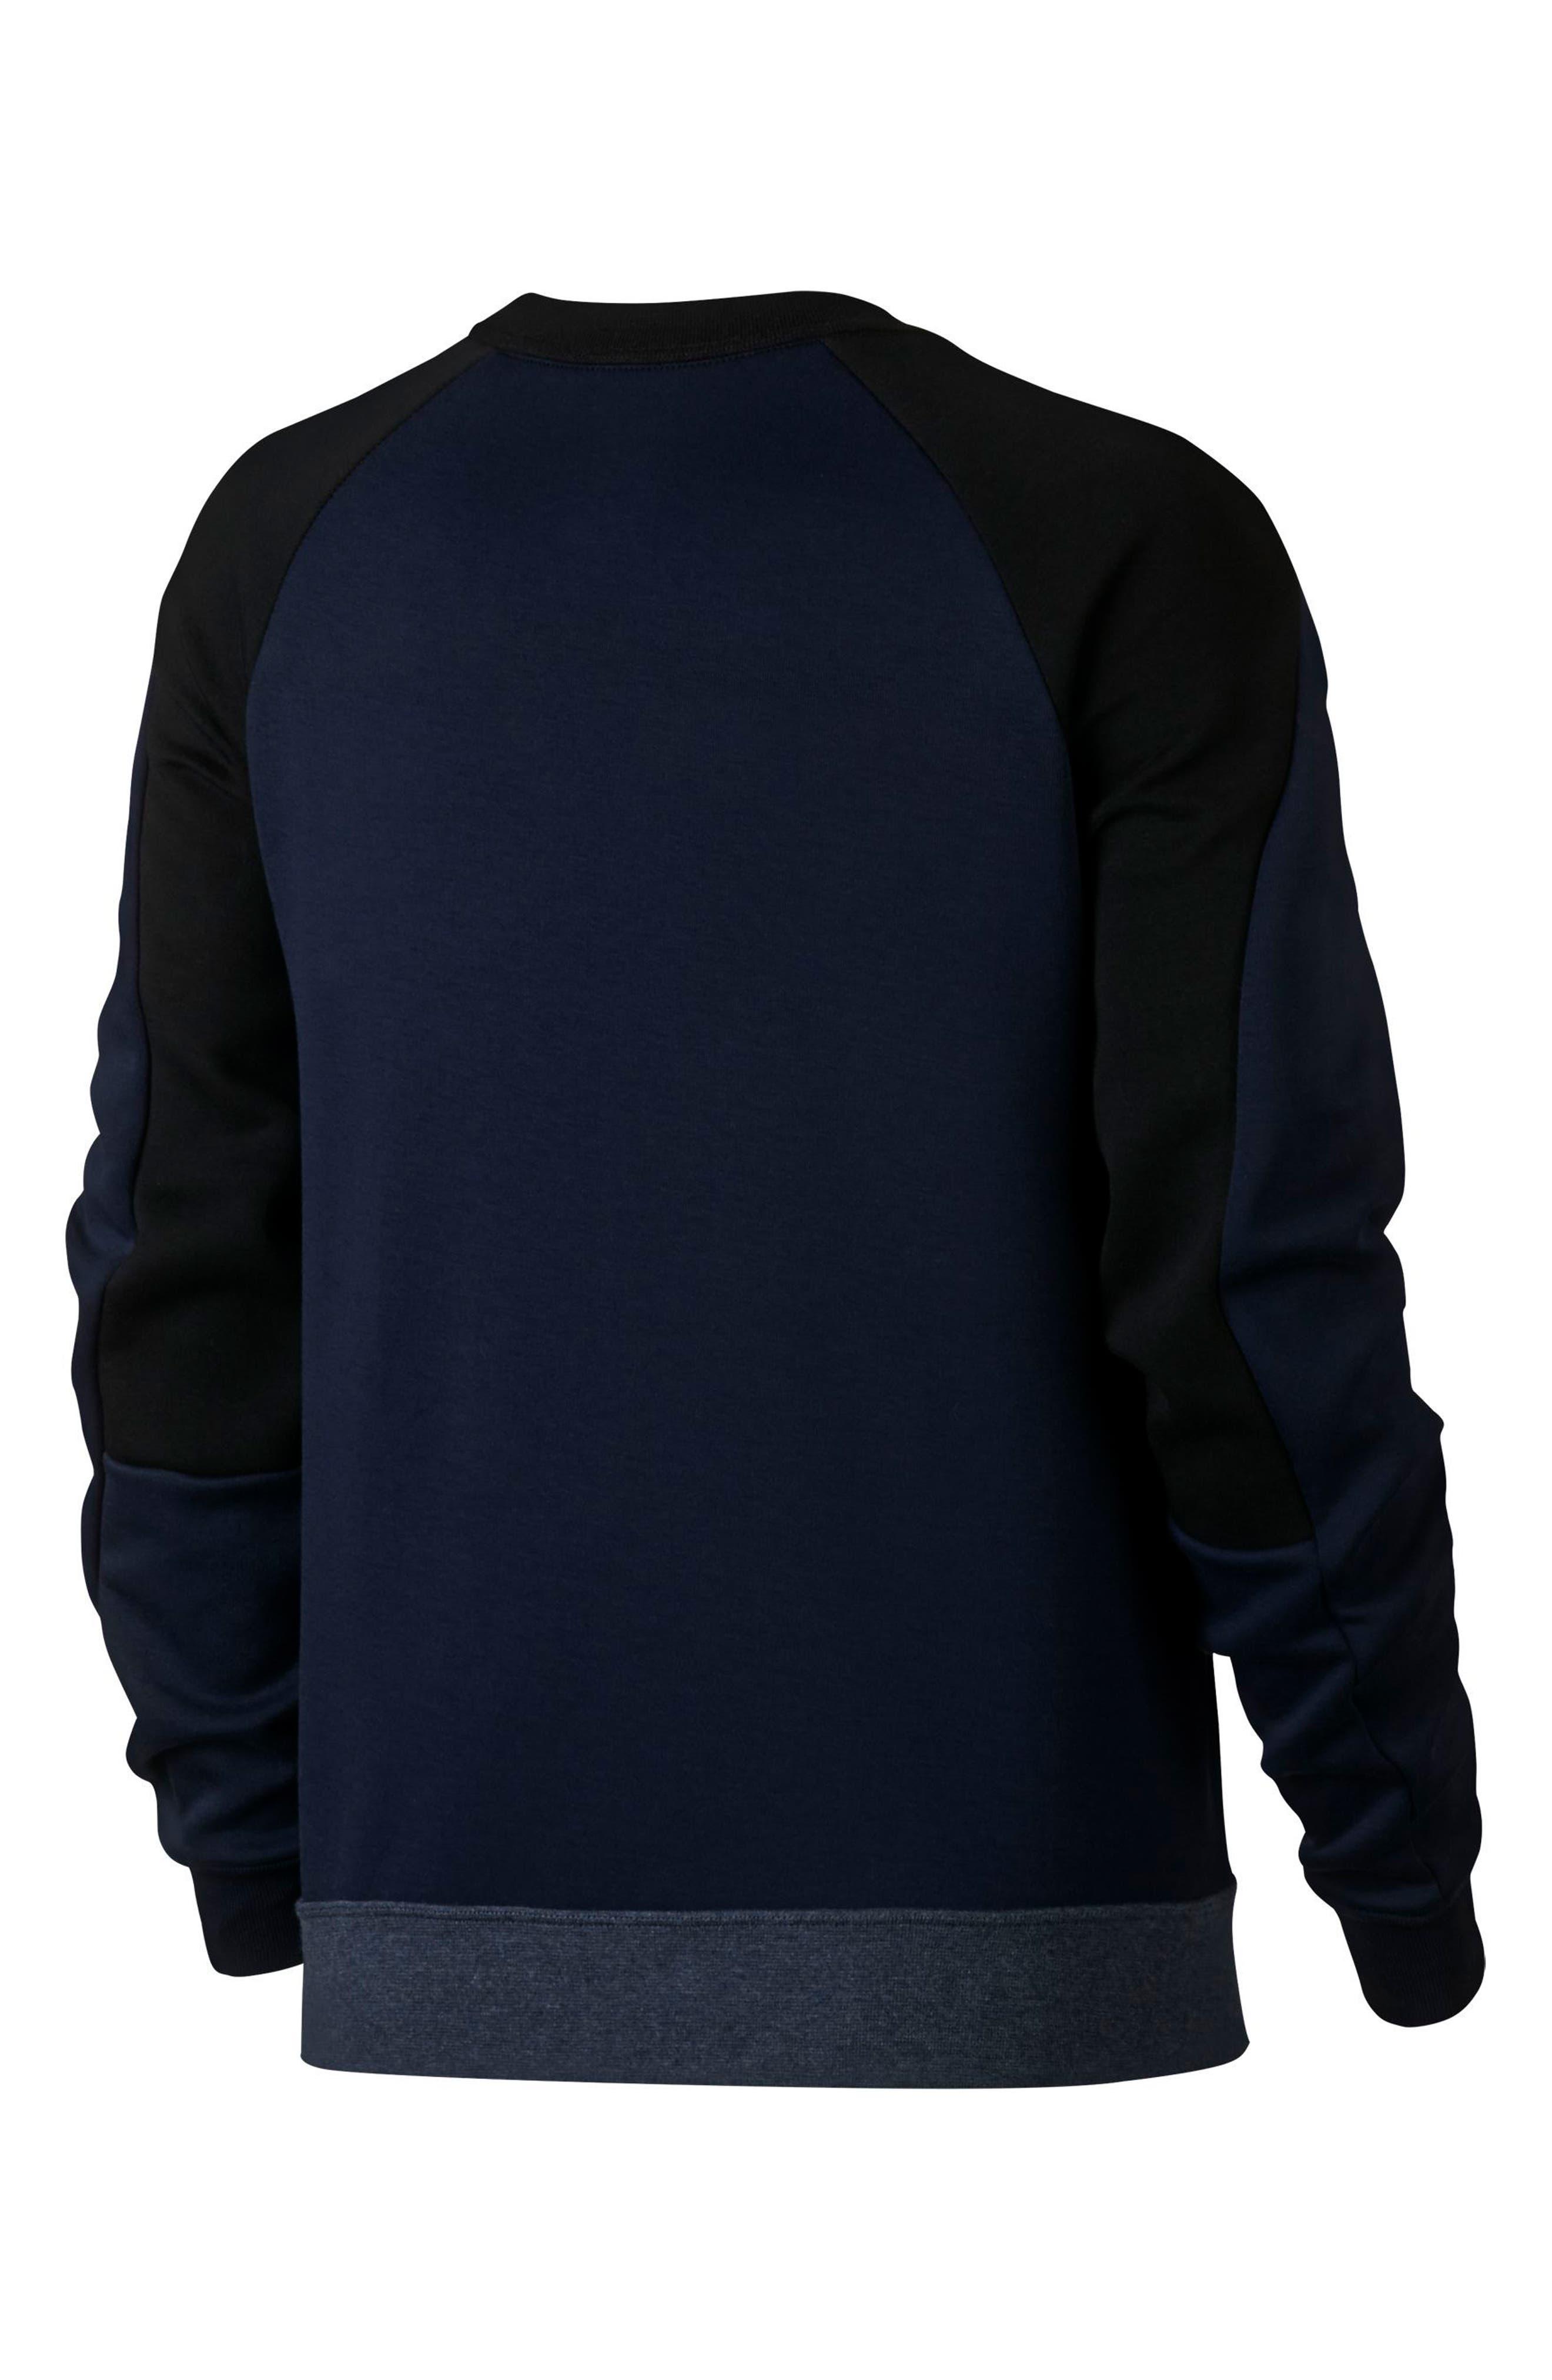 Sportswear Women's Tech Fleece Crew,                             Alternate thumbnail 6, color,                             OBSIDIAN/ BLACK/ BLACK